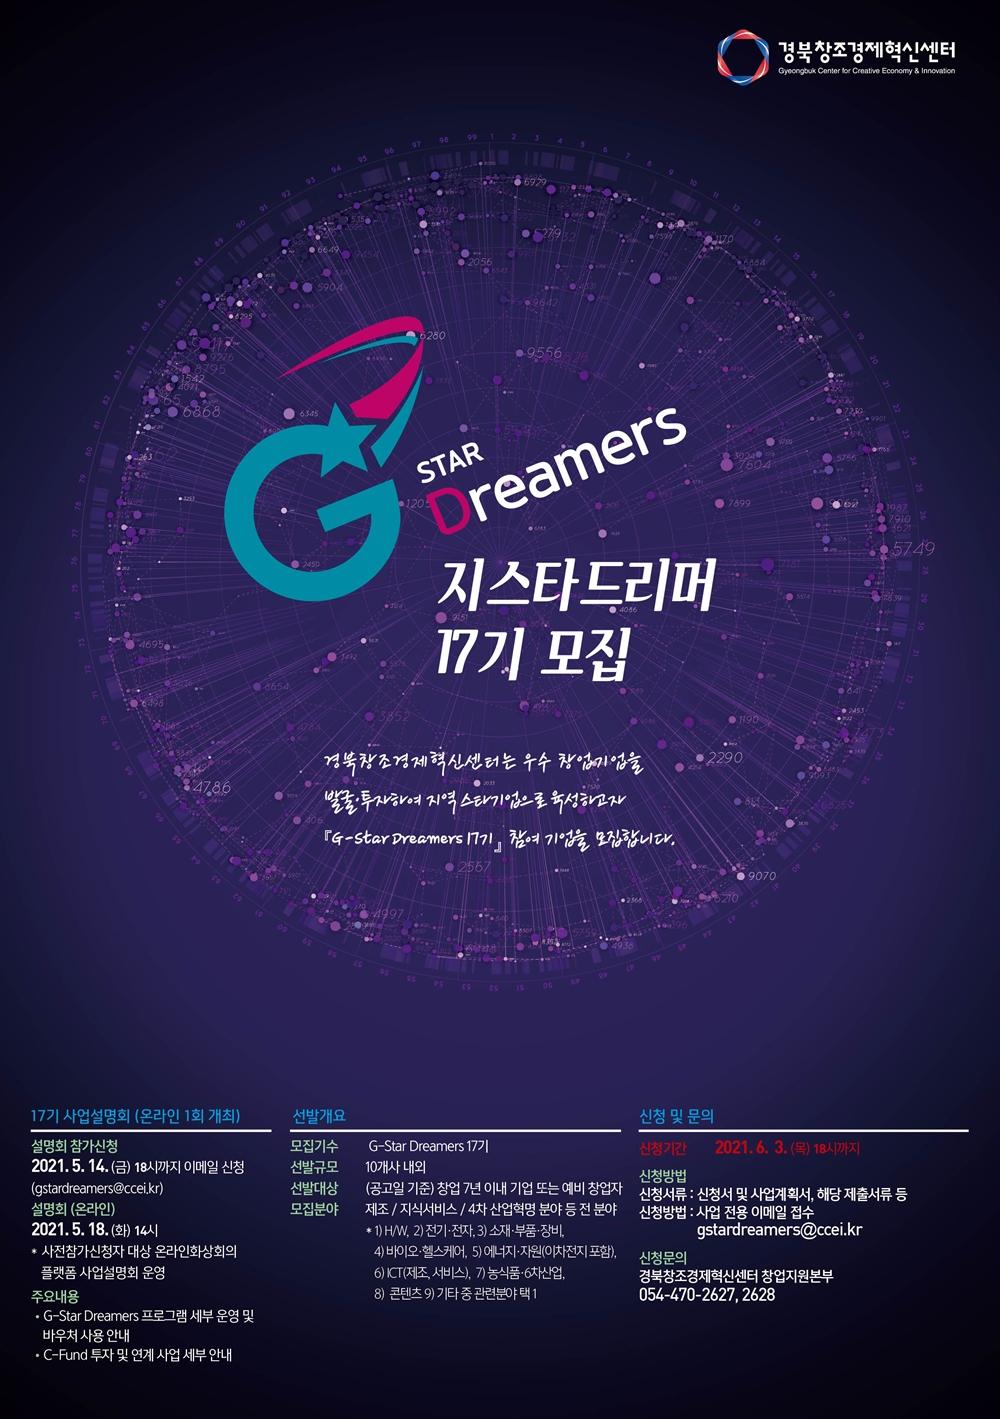 경북창조경제혁신센터 Gyeongbuk Center for Creative Economy & Innovation G STAR Dreamers 지스타드리머 17기 모집 경북창조경제혁신센터는 우수창업기업을 발굴투자하여 지역 스타기업으로 육성하고자 [G-Stars Dreamers 17기] 참여 기업을 모집합니다. 17기 사업설명회 (온라인 1회 개최) 설명회 참가신청 2021.5.14.(금) 18시까지 이메일 신청(gstardreamers@ccei.kr) 설명회(온라인) 2021.5.18(화) 14시 사전참가신청자 대상 온라인화상회의 플랫폼 사업설명회 운영 주요내용 G-Star Dreamers 프로그램 세부 운영 및 바우쳐 사용 안내 C-Fund 투자 및 연계 사업 세부 안내 선발개요 모집기수 G-Star Dreamers 17기 선발규모 10개사 내외 선발대상 (공고일 기준) 창업 7년 이내 기업 또는 예비 창업자 모집분야 제조 / 지식서비스 / 4차 산업혁명 분야 등 전 분야 1)H/W 2)전기,전자 3) 소재,부품, 장비 4) 바이오, 헬스케어, 5) 에너지, 자원(이차전지 포함) 6) ICT(제조, 서비스), 7) 농식품, 6차산업 8) 콘텐츠 9)기타 중 관련 분야 택1 신청 및 문의 신청기간 2021.6.3 (목) 18시까지 신청방법 신청서류: 신청서 및 사업계획서, 해당 제출서류 등 신청방법 사업 전용 이메일 접수 gstardreamers@ccei.kr 신청문의 경북창조경제혁신센터 창업지원본부 054-470-2627, 2628